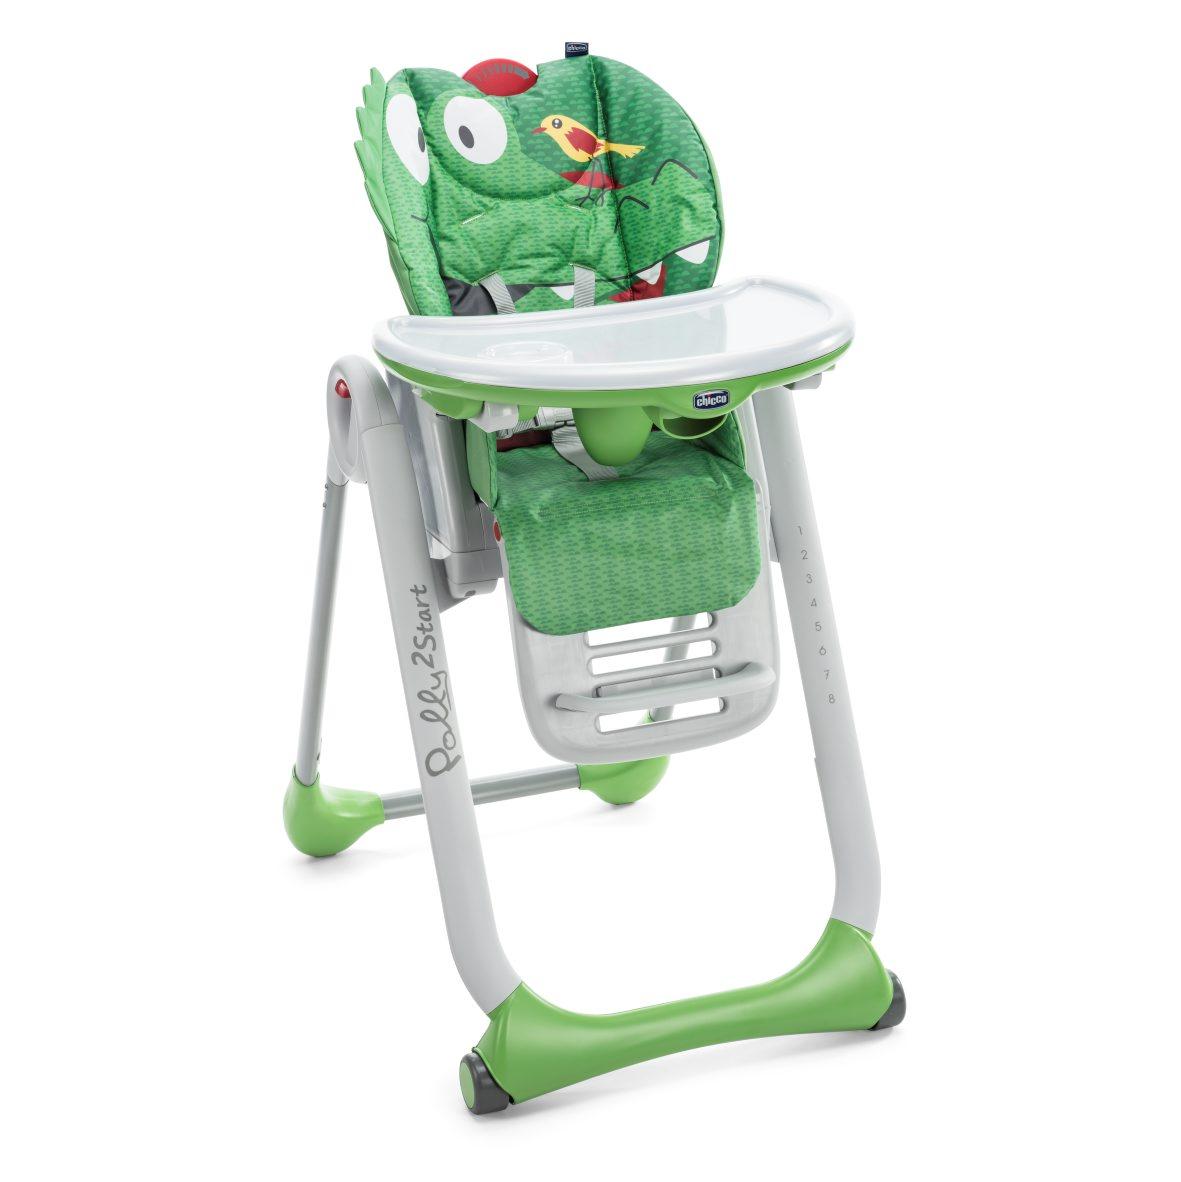 Židlička jídelní Polly 2 Start - CROCODILE